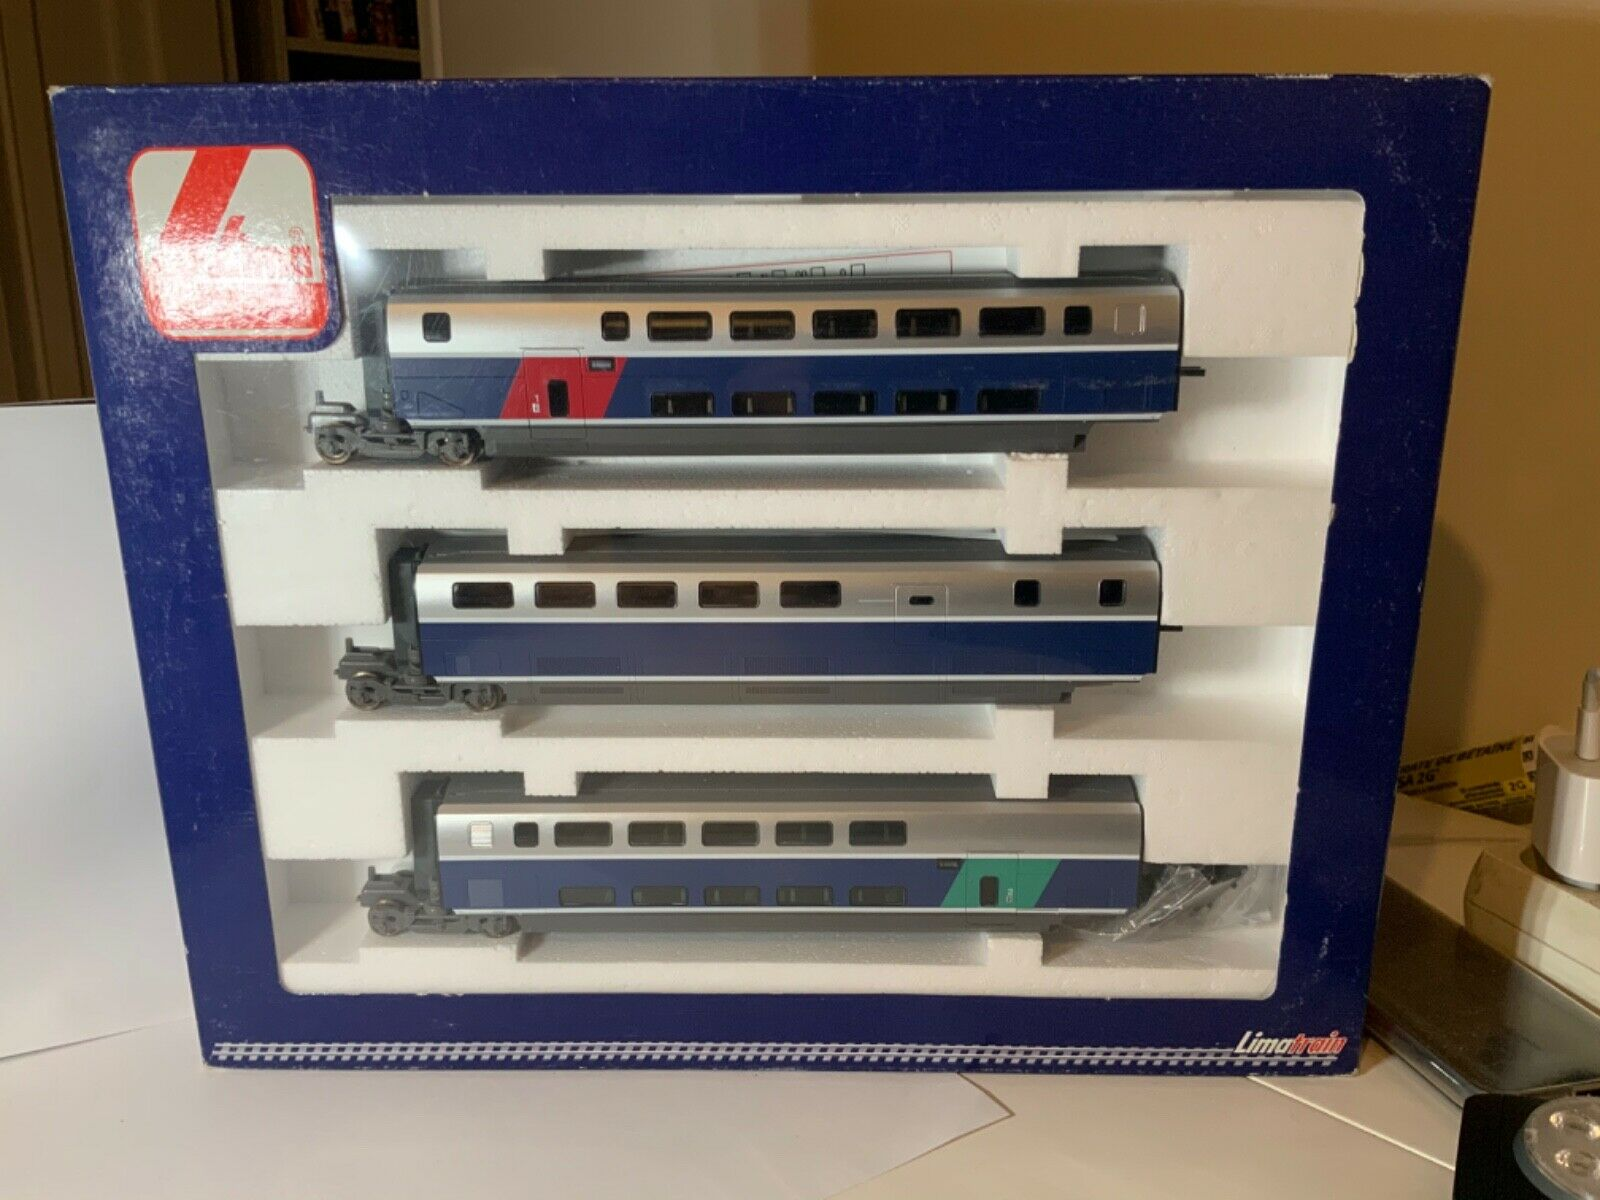 Coffret 3 remorques TGV Duplex Lima L149617 SNCF HO  collection  jouef  roco